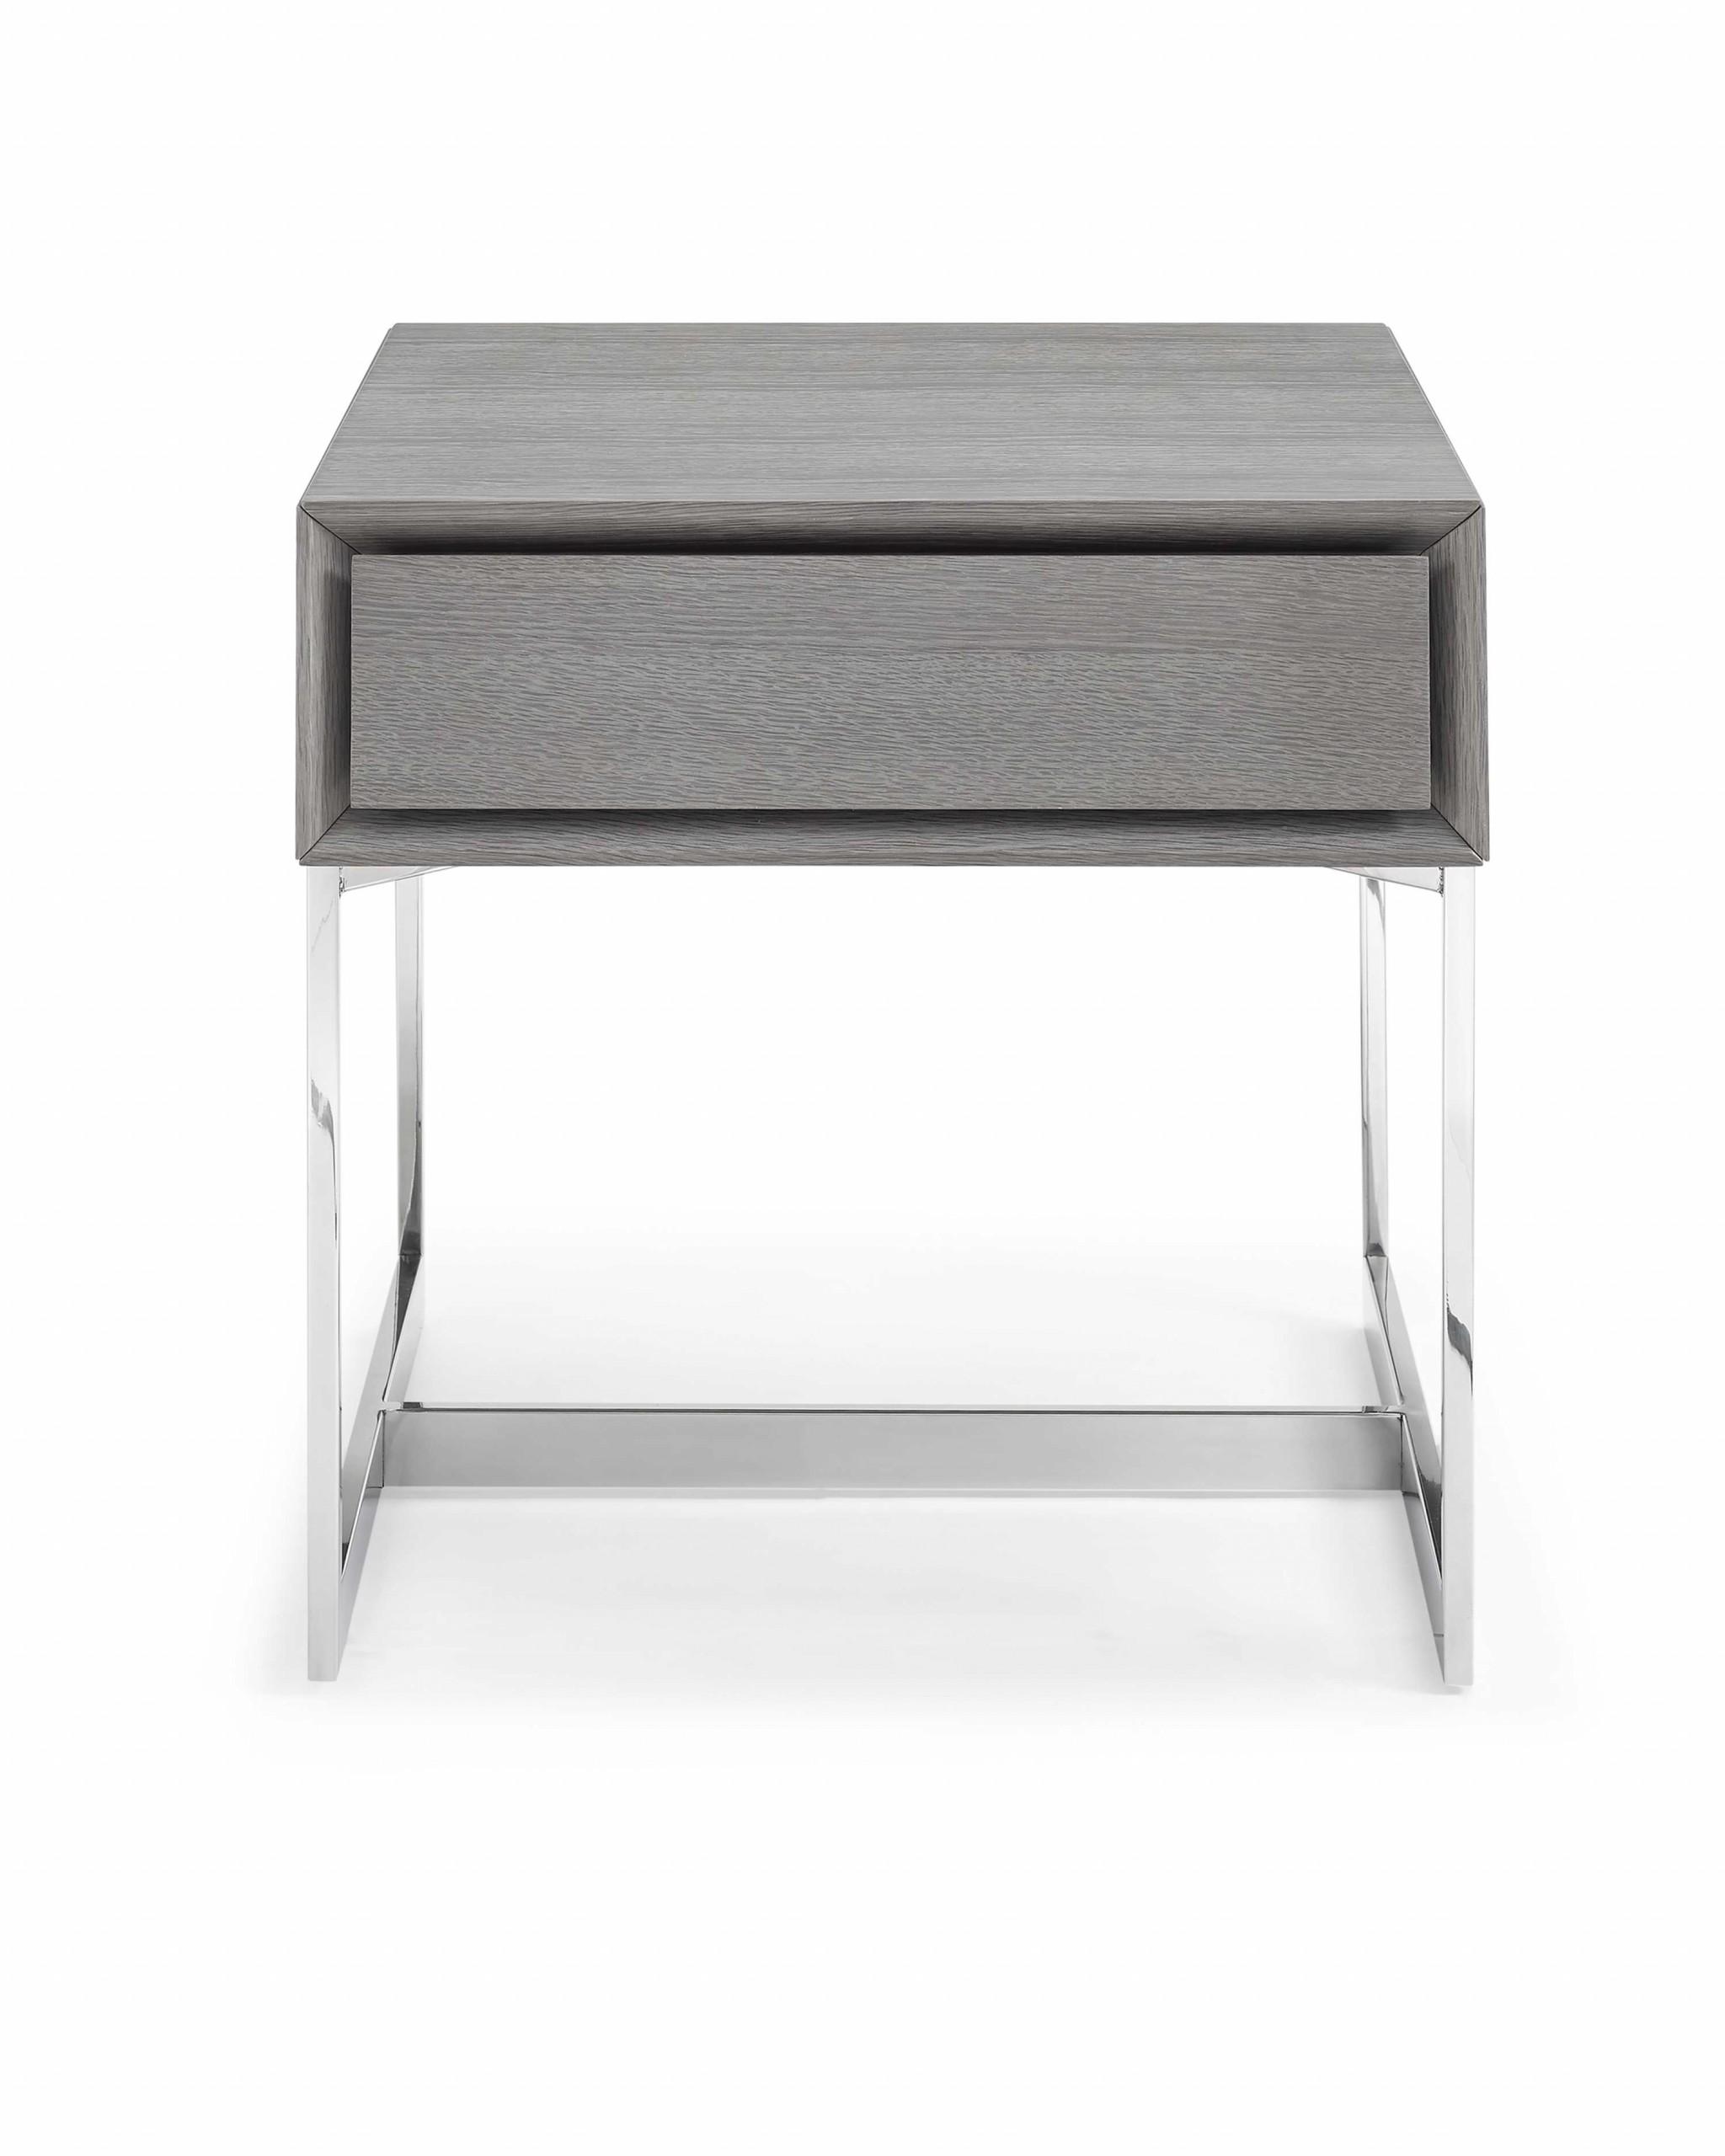 Side Table Gray Oak Veneer One Drawer Polished Stainless Steel Legs